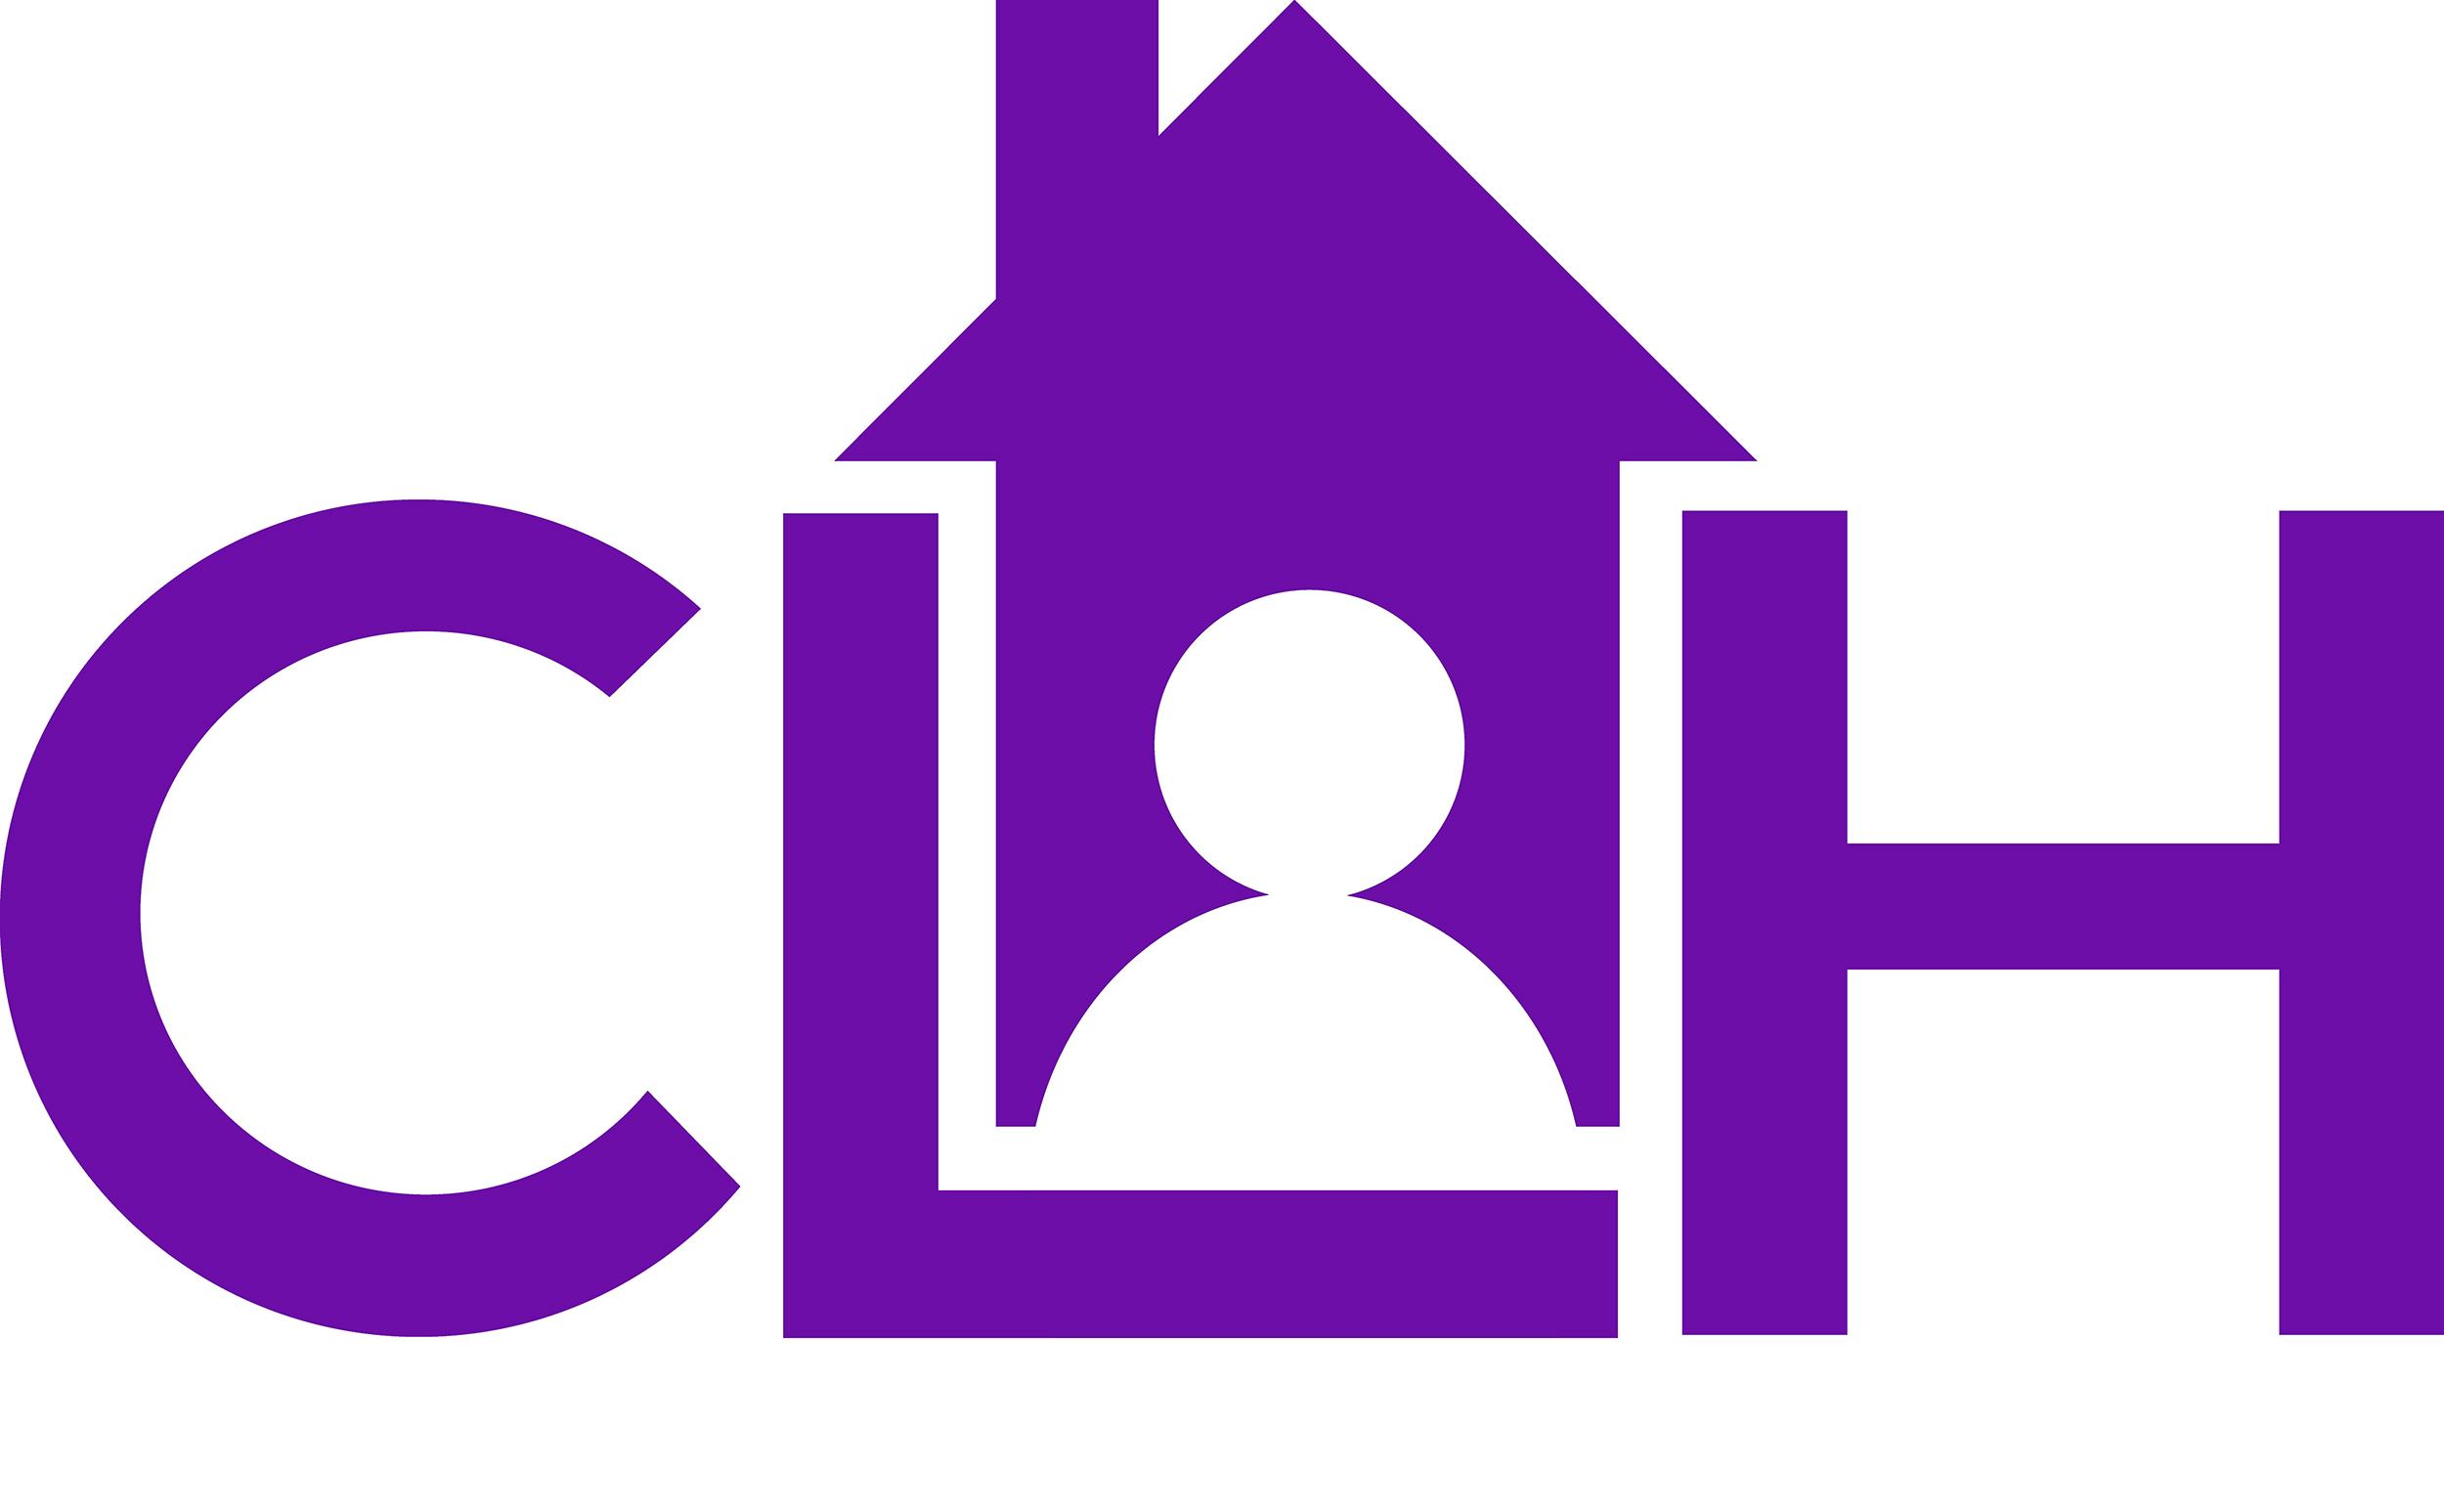 www.clhmentalhealth.org